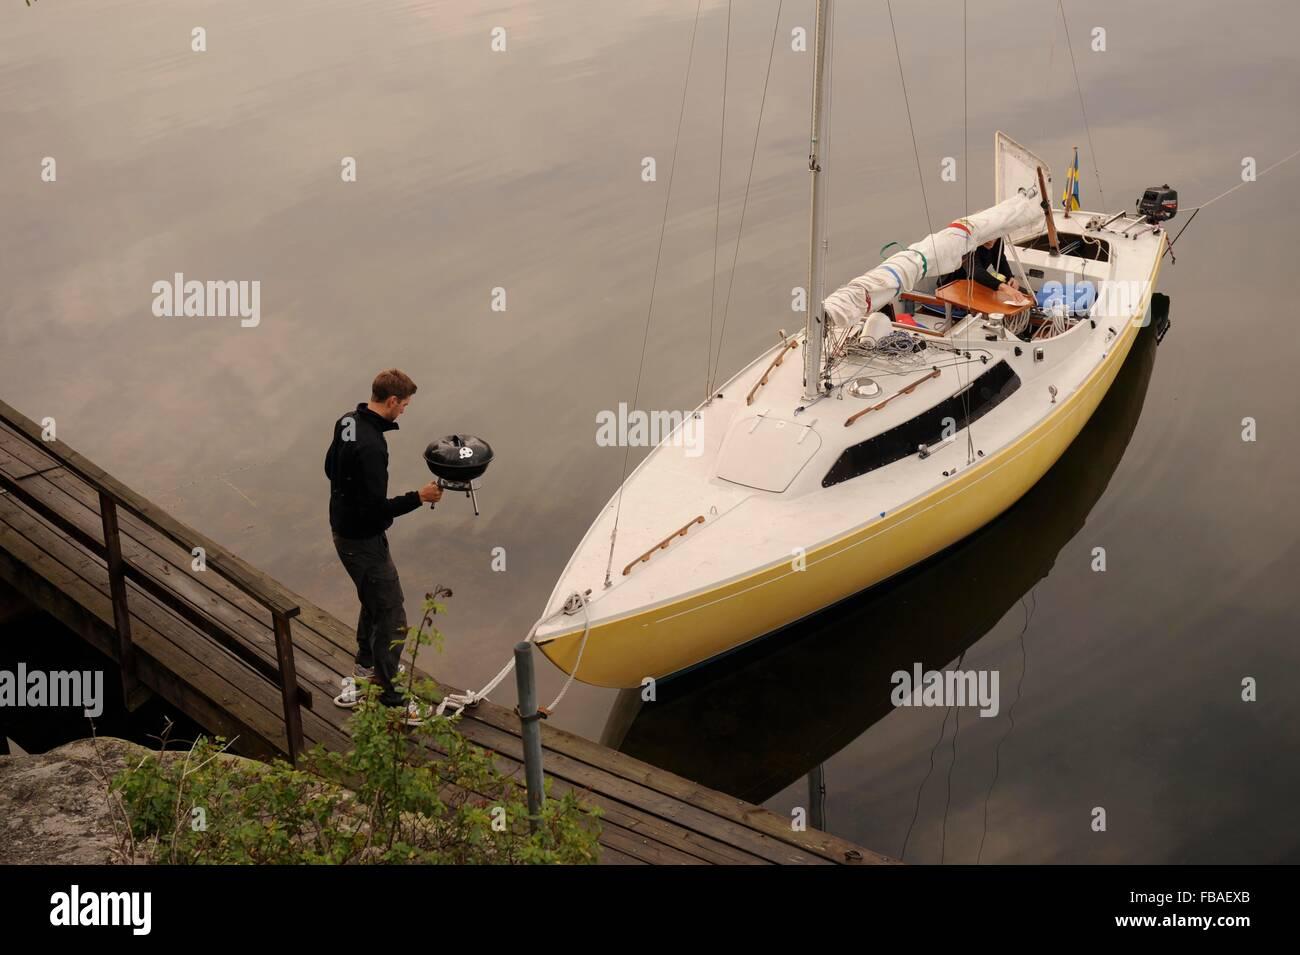 sailing boat in the Stockholm Archipelago, Sweden - Stock Image